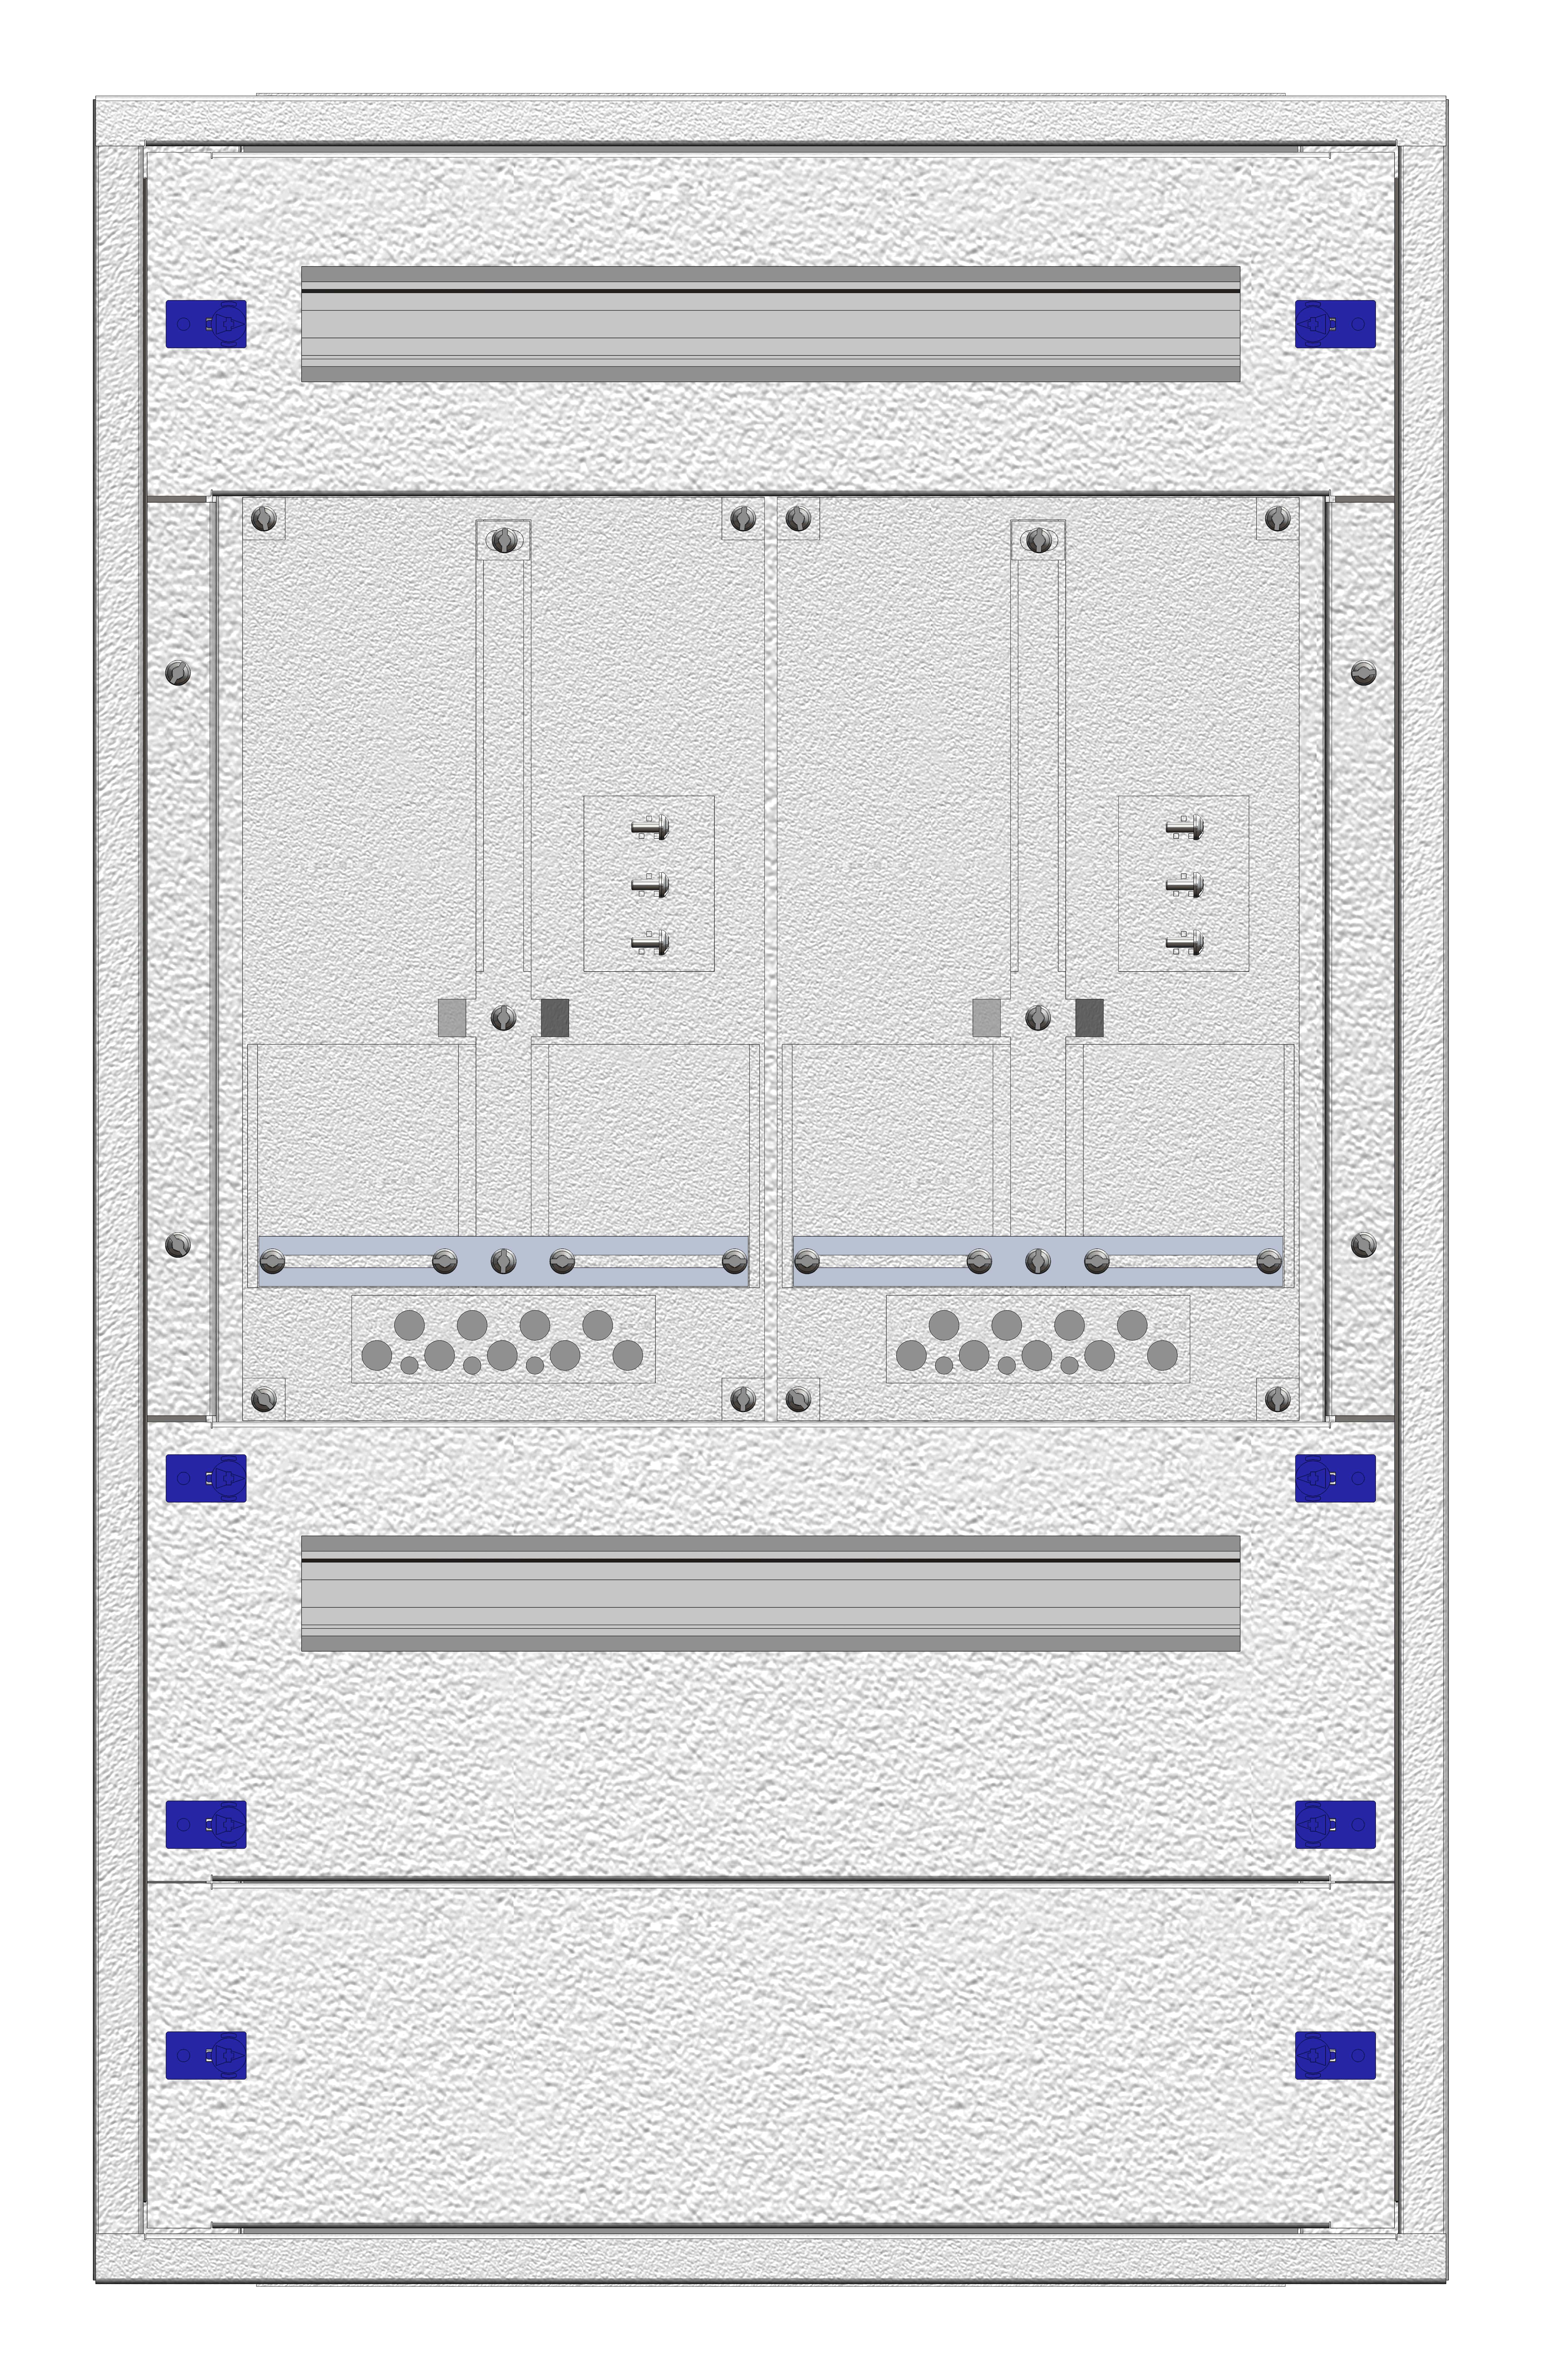 1 Stk Aufputz-Zählerverteiler 2A-18E/WIEN 2ZP, H915B590T250mm IL160218WS